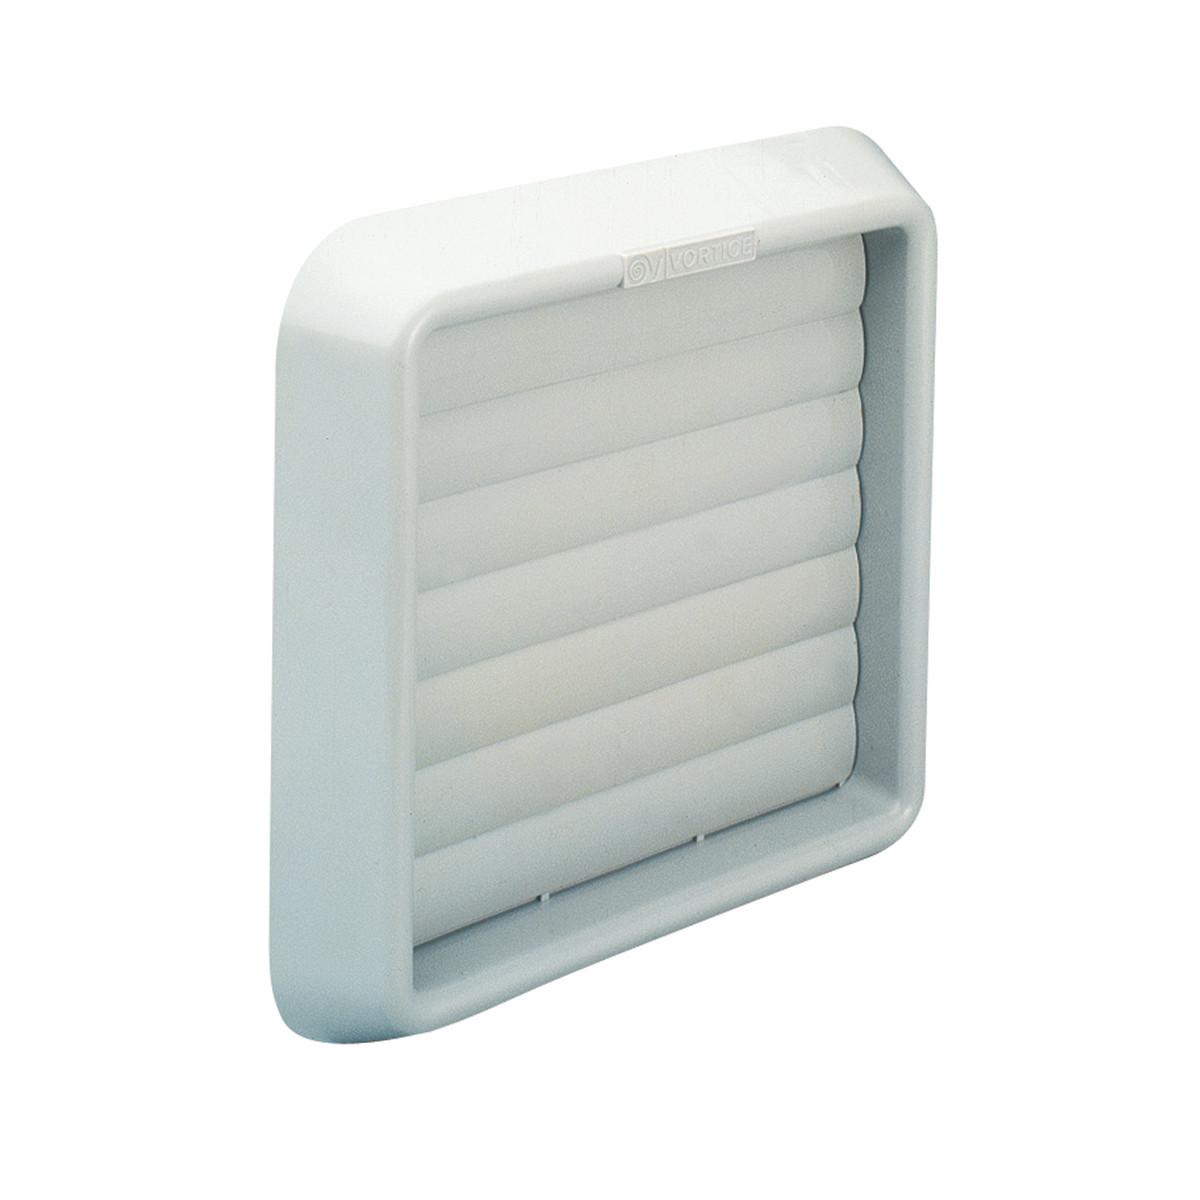 Schema Elettrico Regolatore Velocità Vortice : Originale termostato bimetallico regolatore riscaldamento rapido